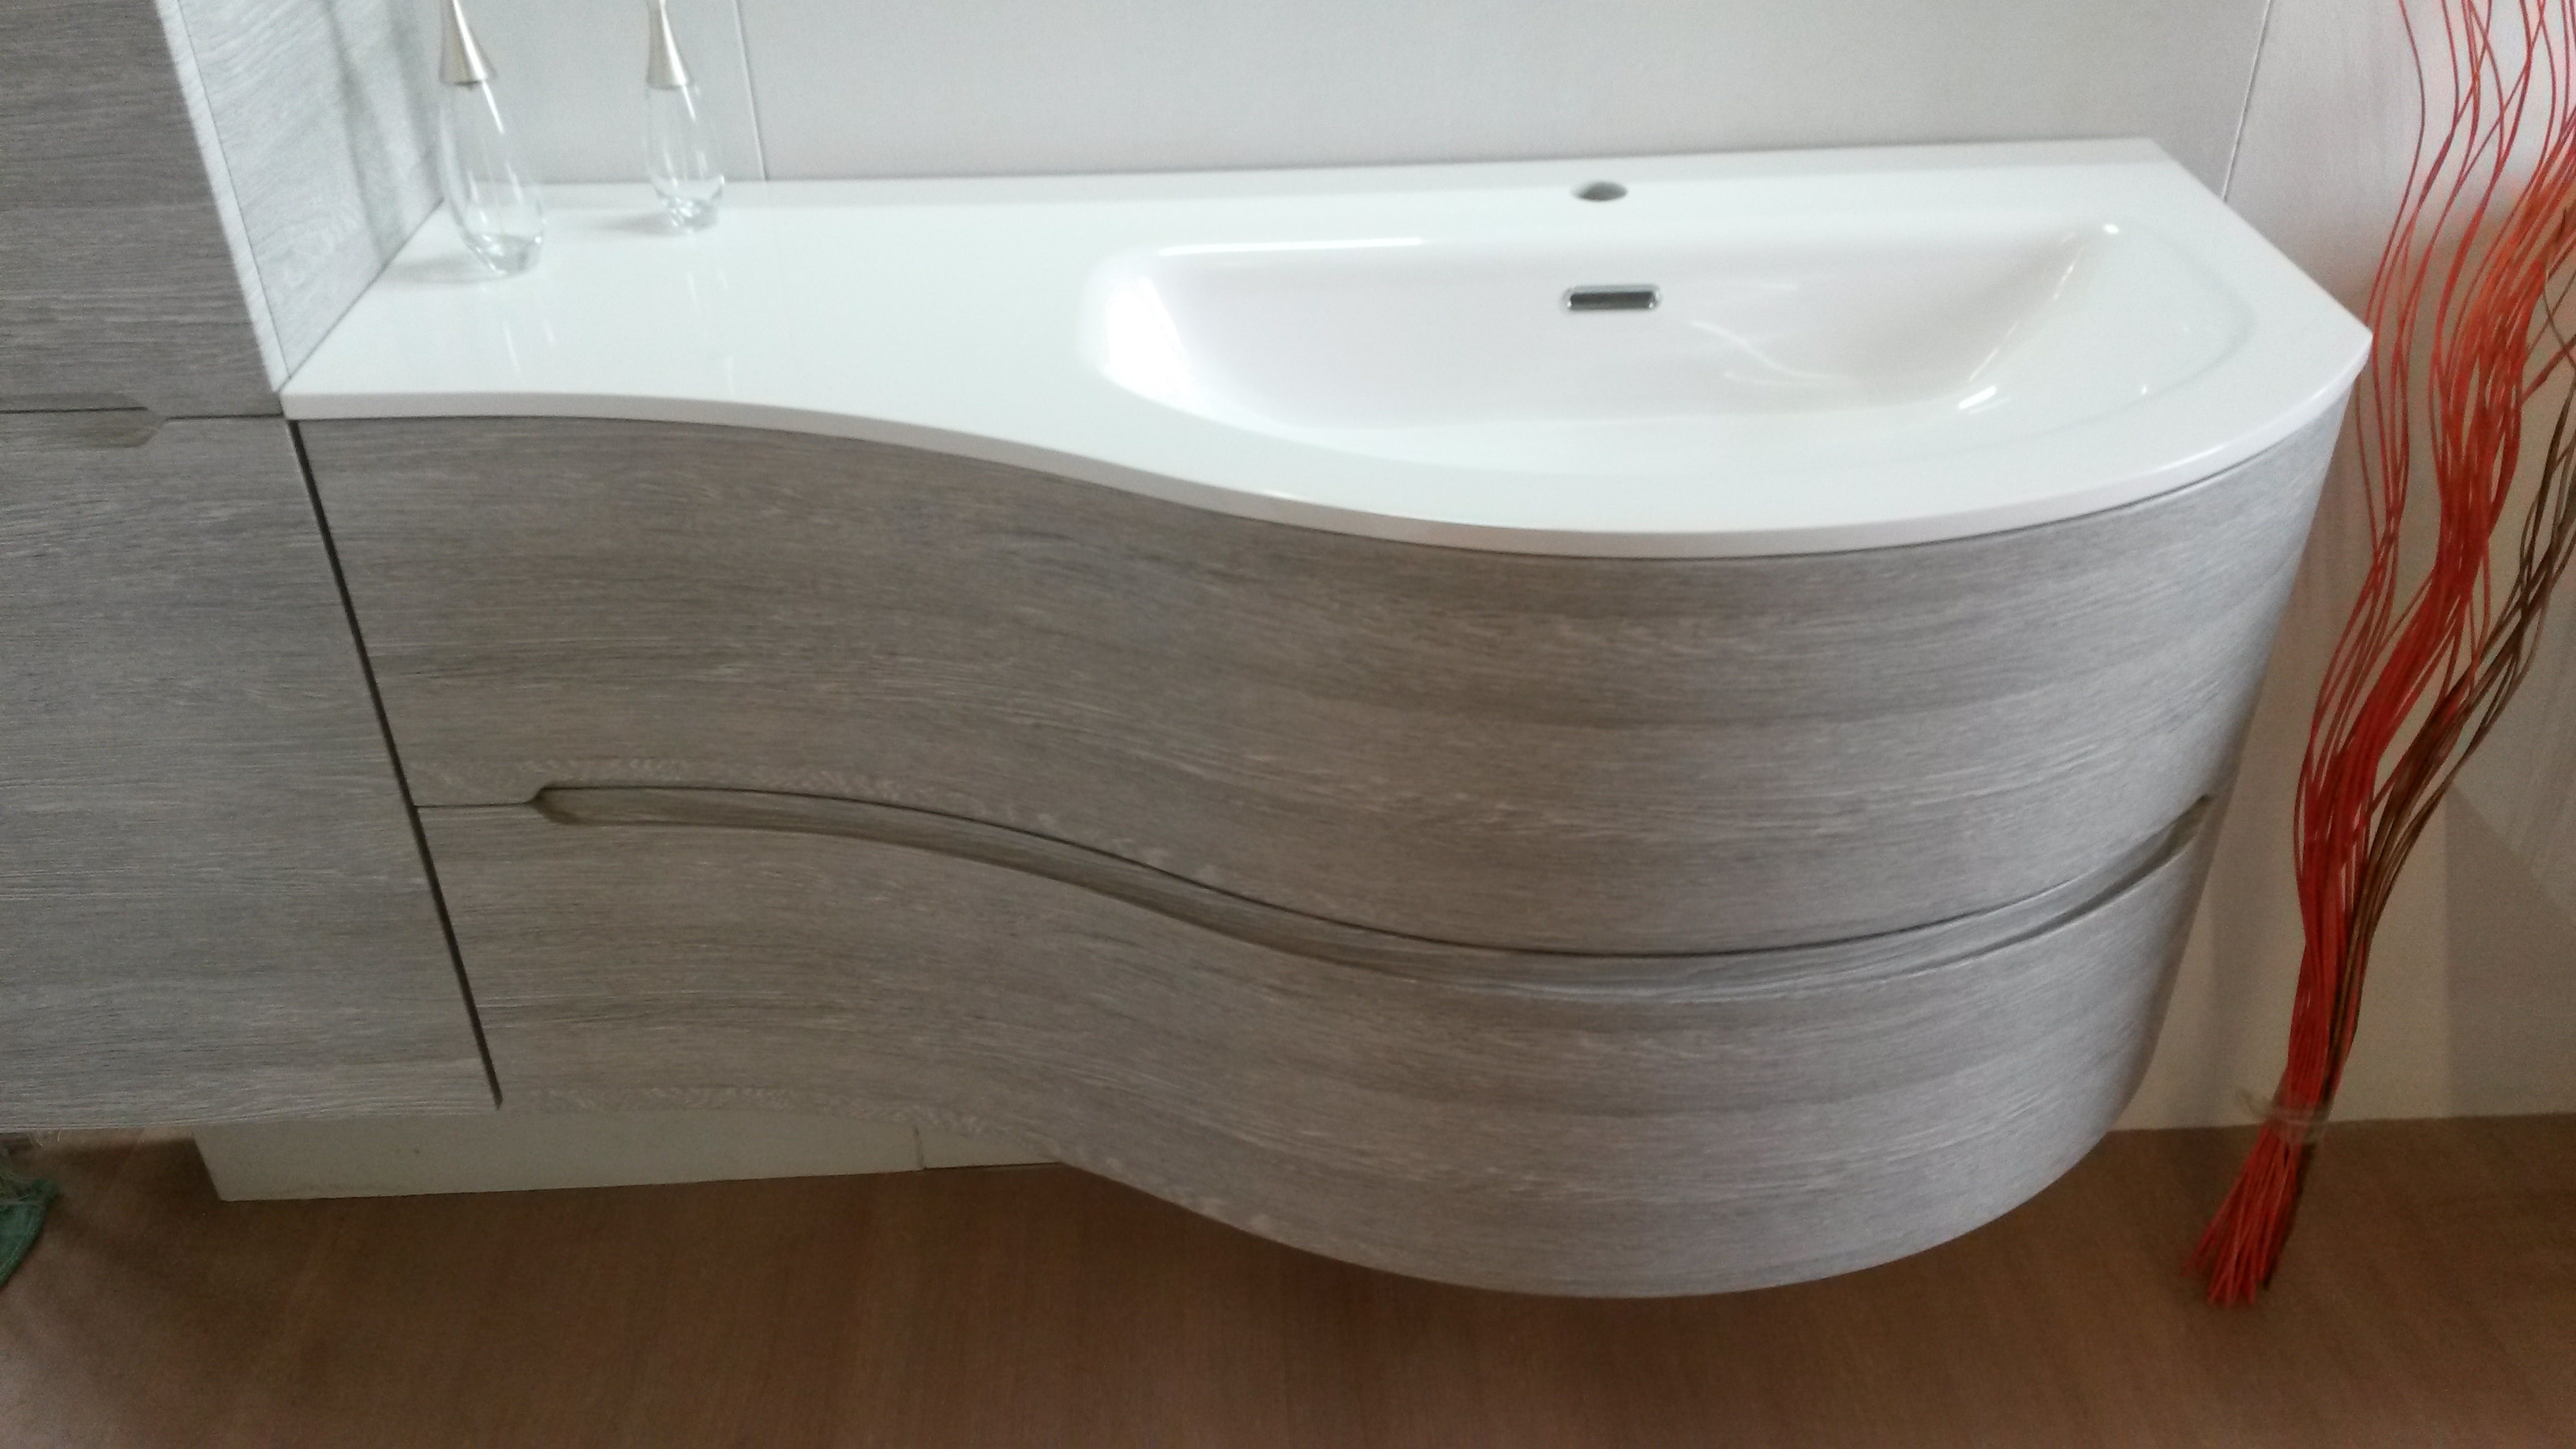 Bagno smyle di idea group scontato del 40 arredo bagno a prezzi scontati - Mobile bagno profondita 40 ...